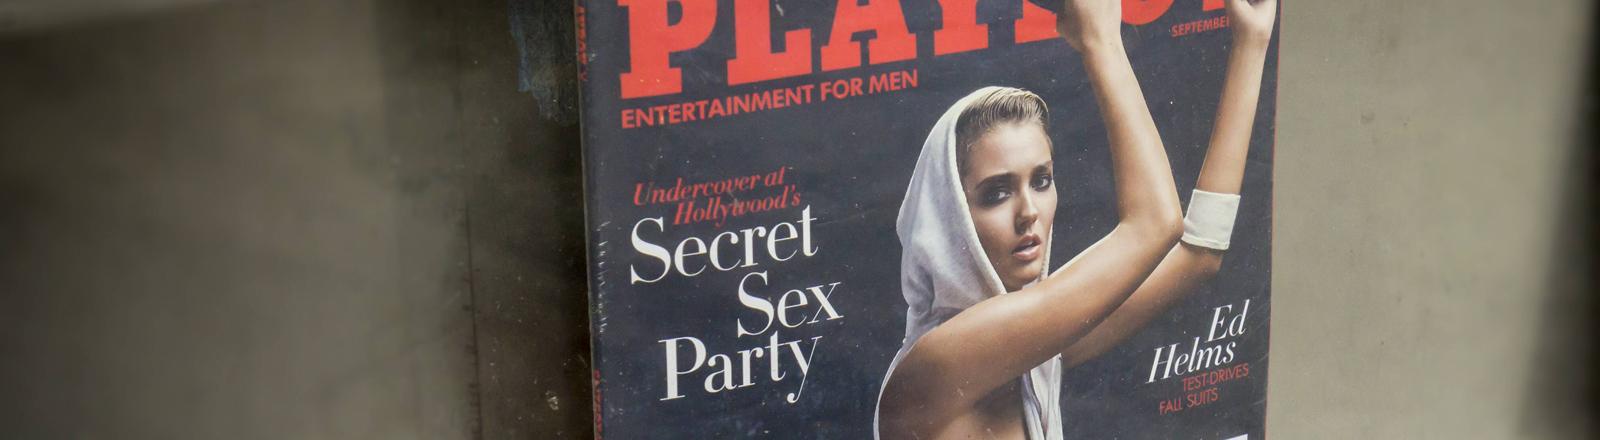 Playboy am Kiosk